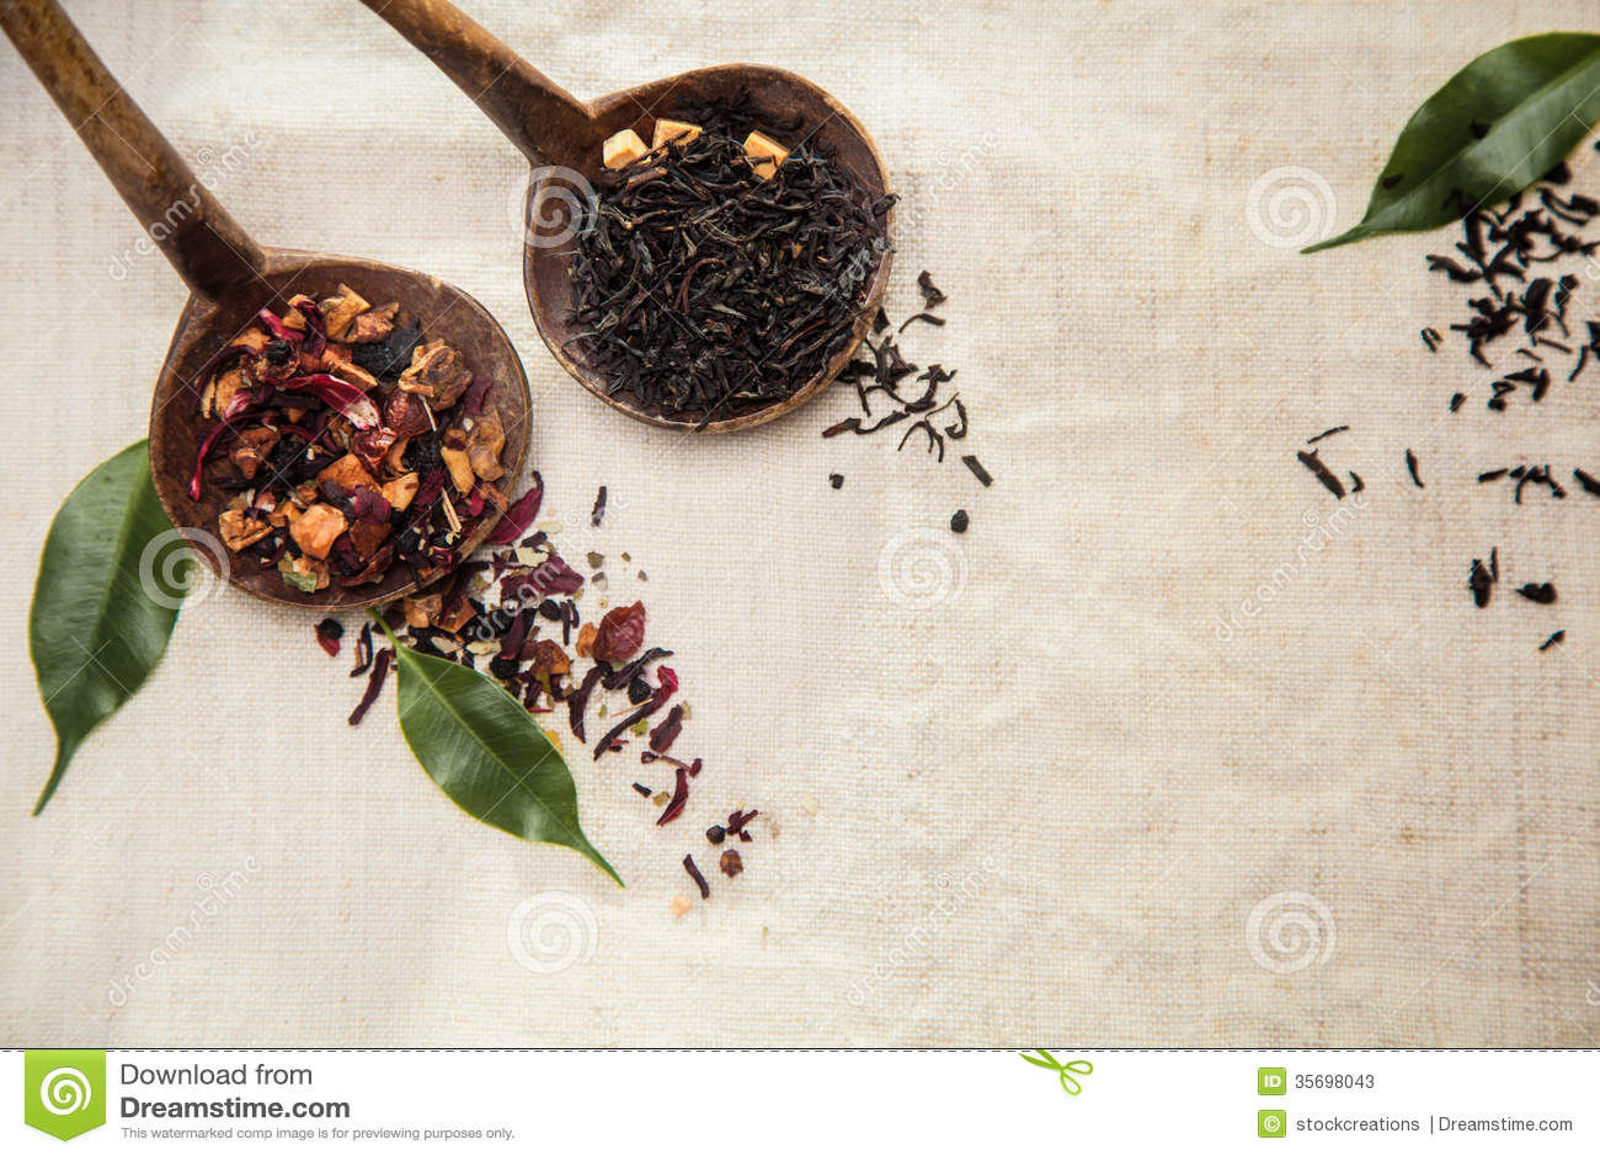 Chá de folhas soltas secado